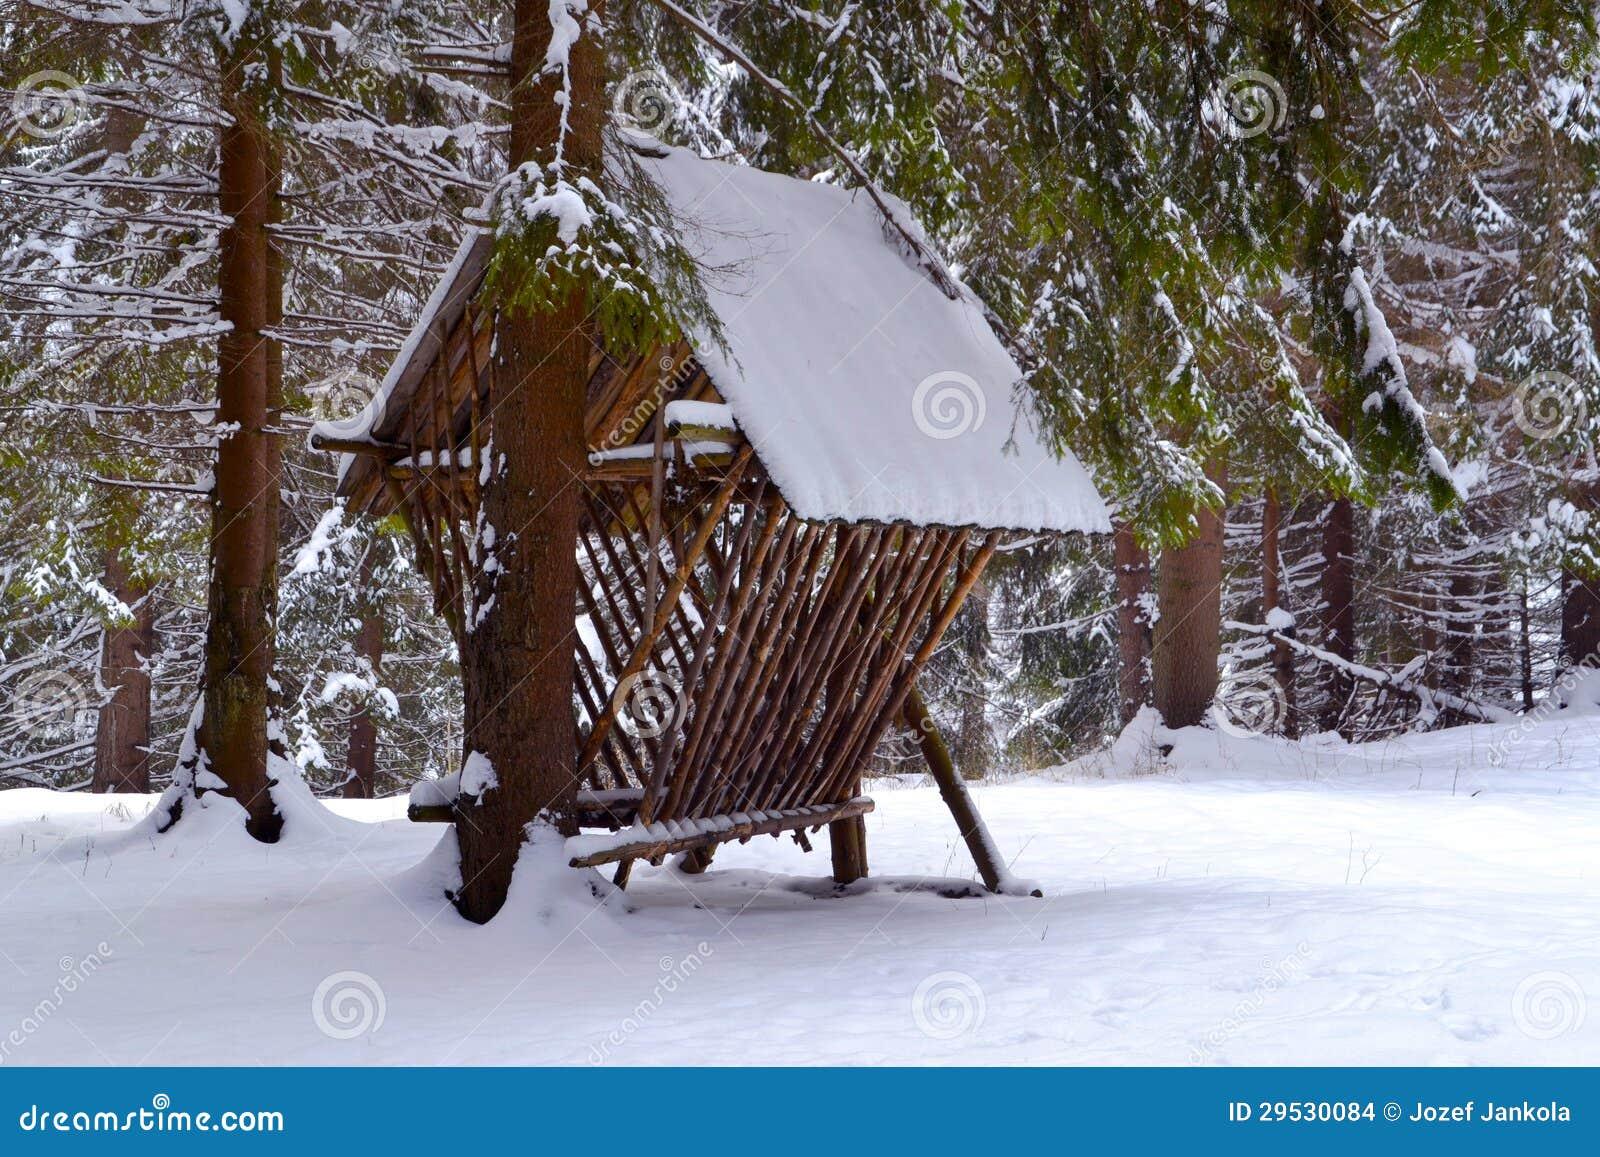 Alimentador de madeira para animais selvagens na floresta nevado